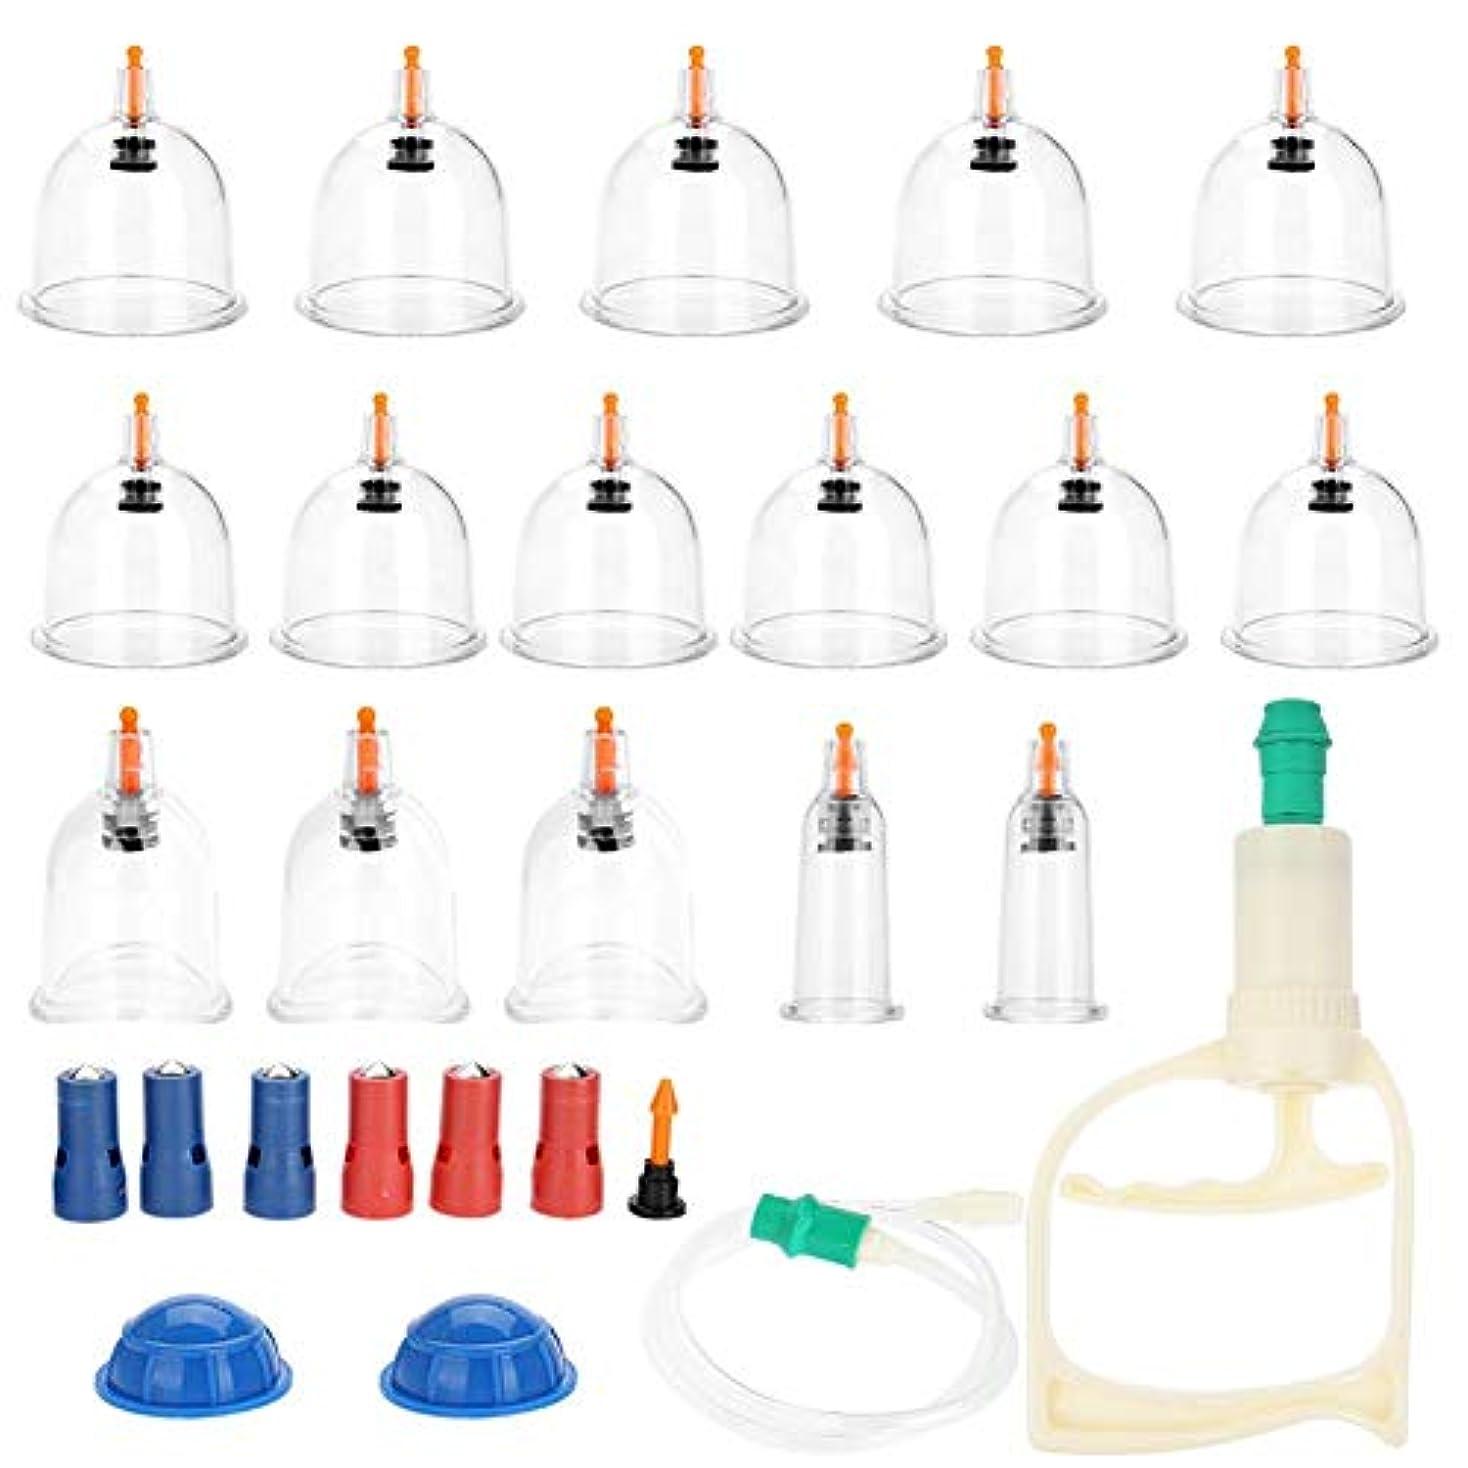 スタンドポスター技術カッピング - Delaman cupping、吸い玉カップ、真空吸引カッピングキット、マッサージカッピングセット、グリップハンド 真空ポンプ